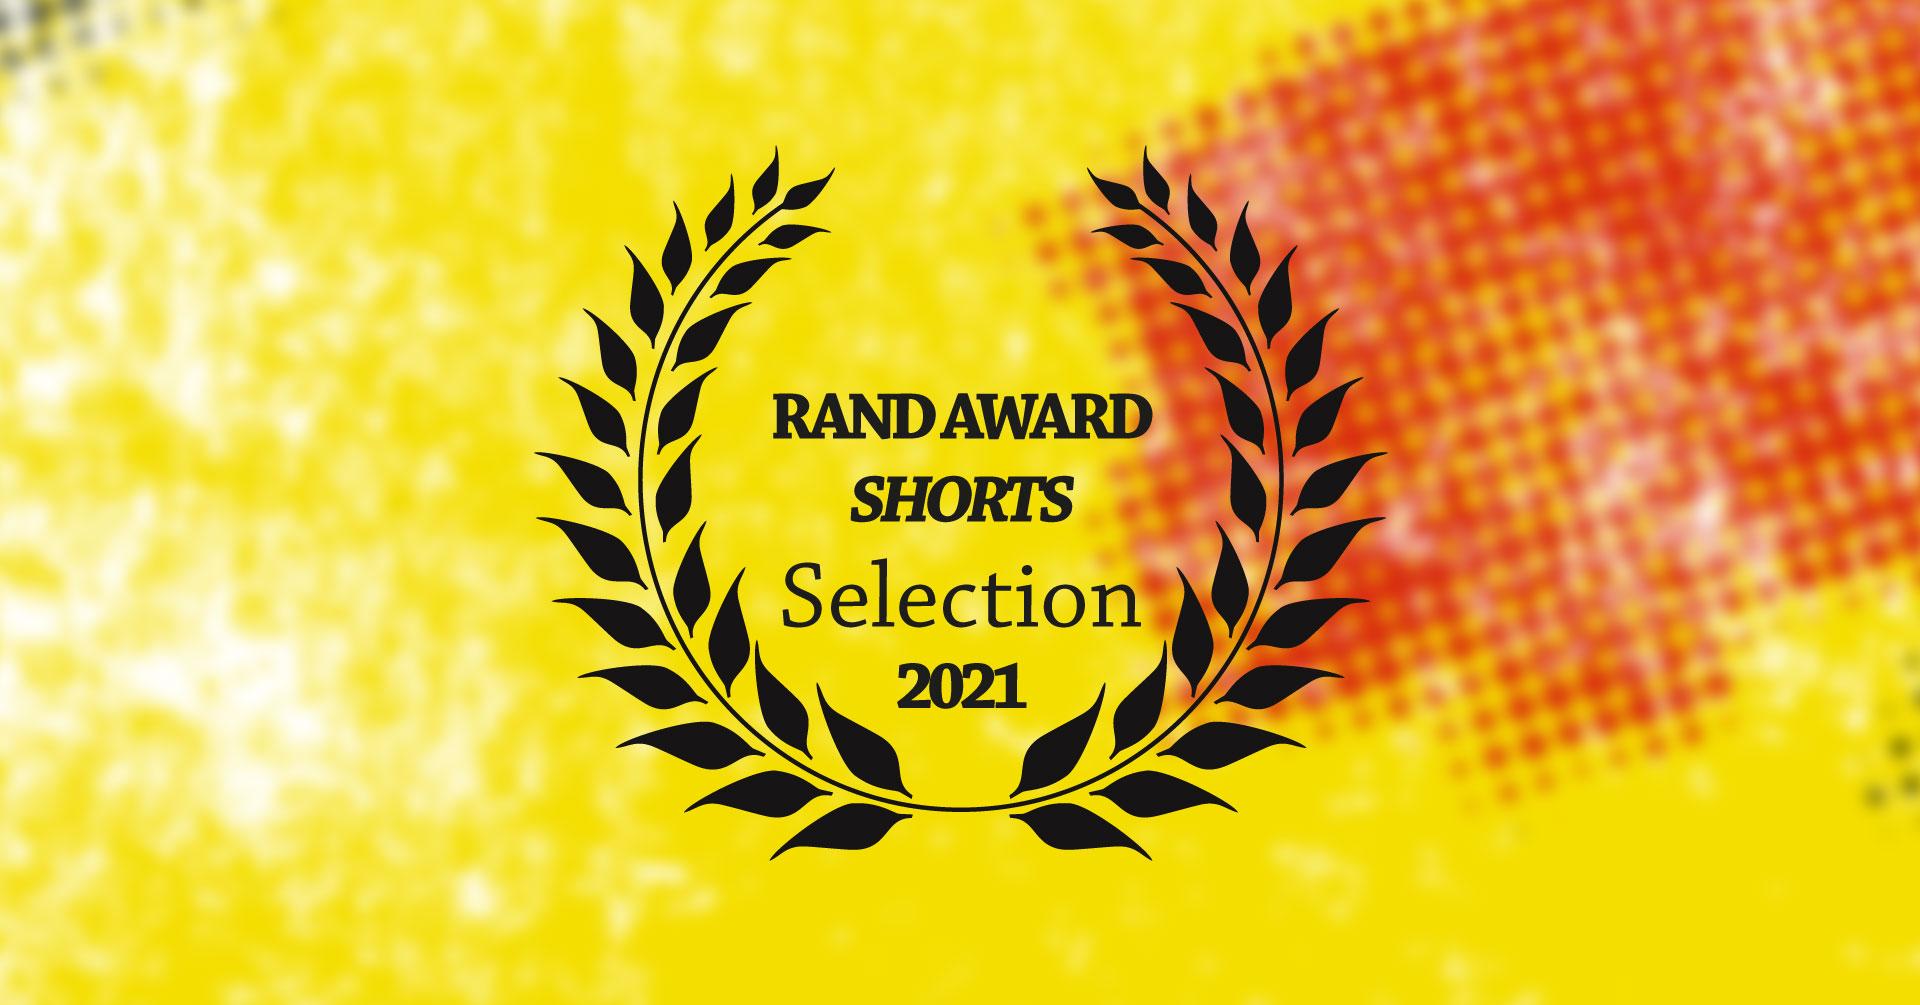 Kurzfilmrolle 2: Rand-Award Shorts Nominees 2021